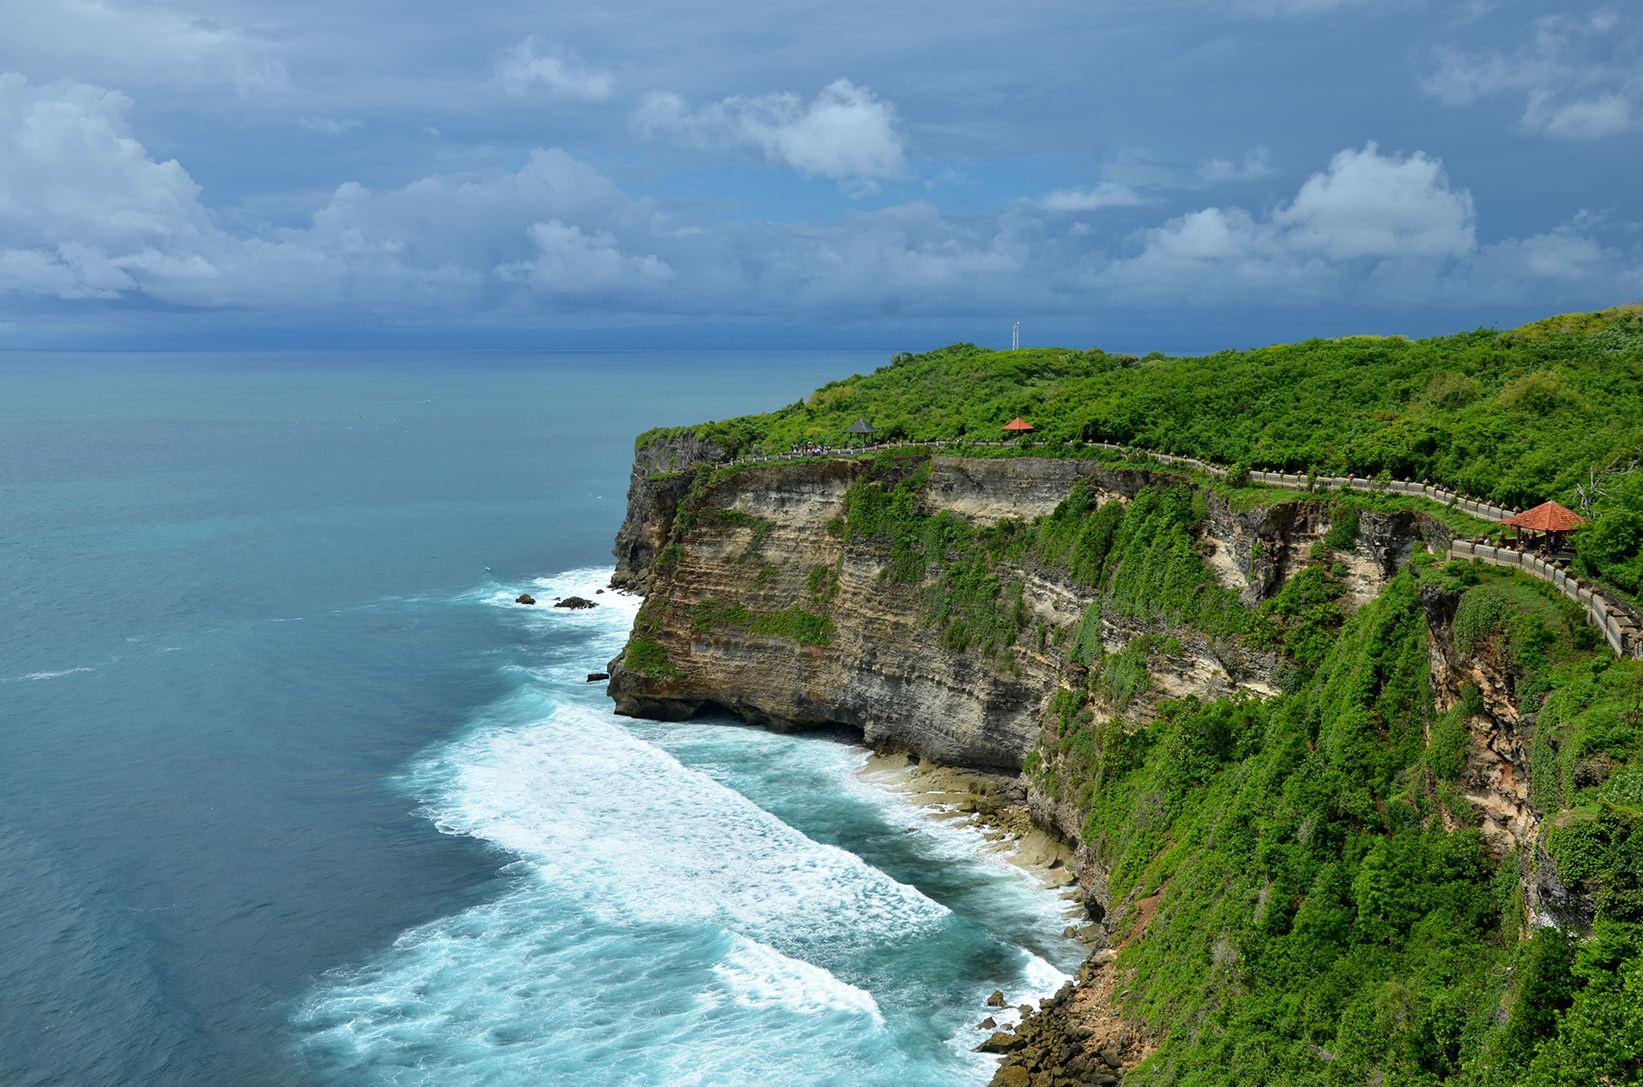 Наши лучшие фотографии из путешествий 2016 года. Бали, Индонезия